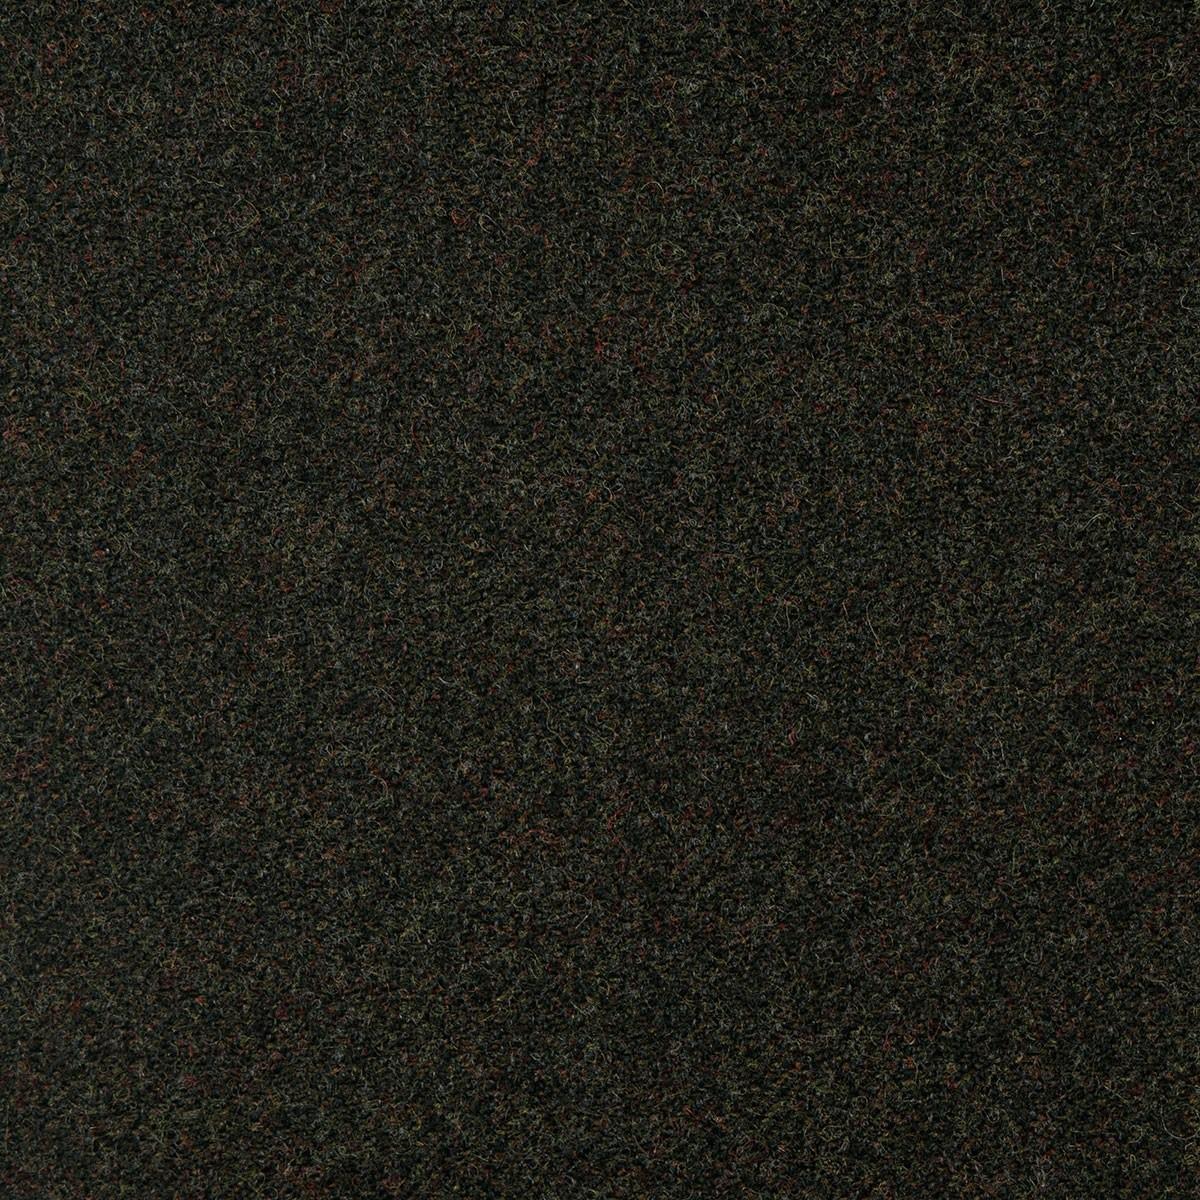 Talla Herringbone Waverley Tweed Fabric